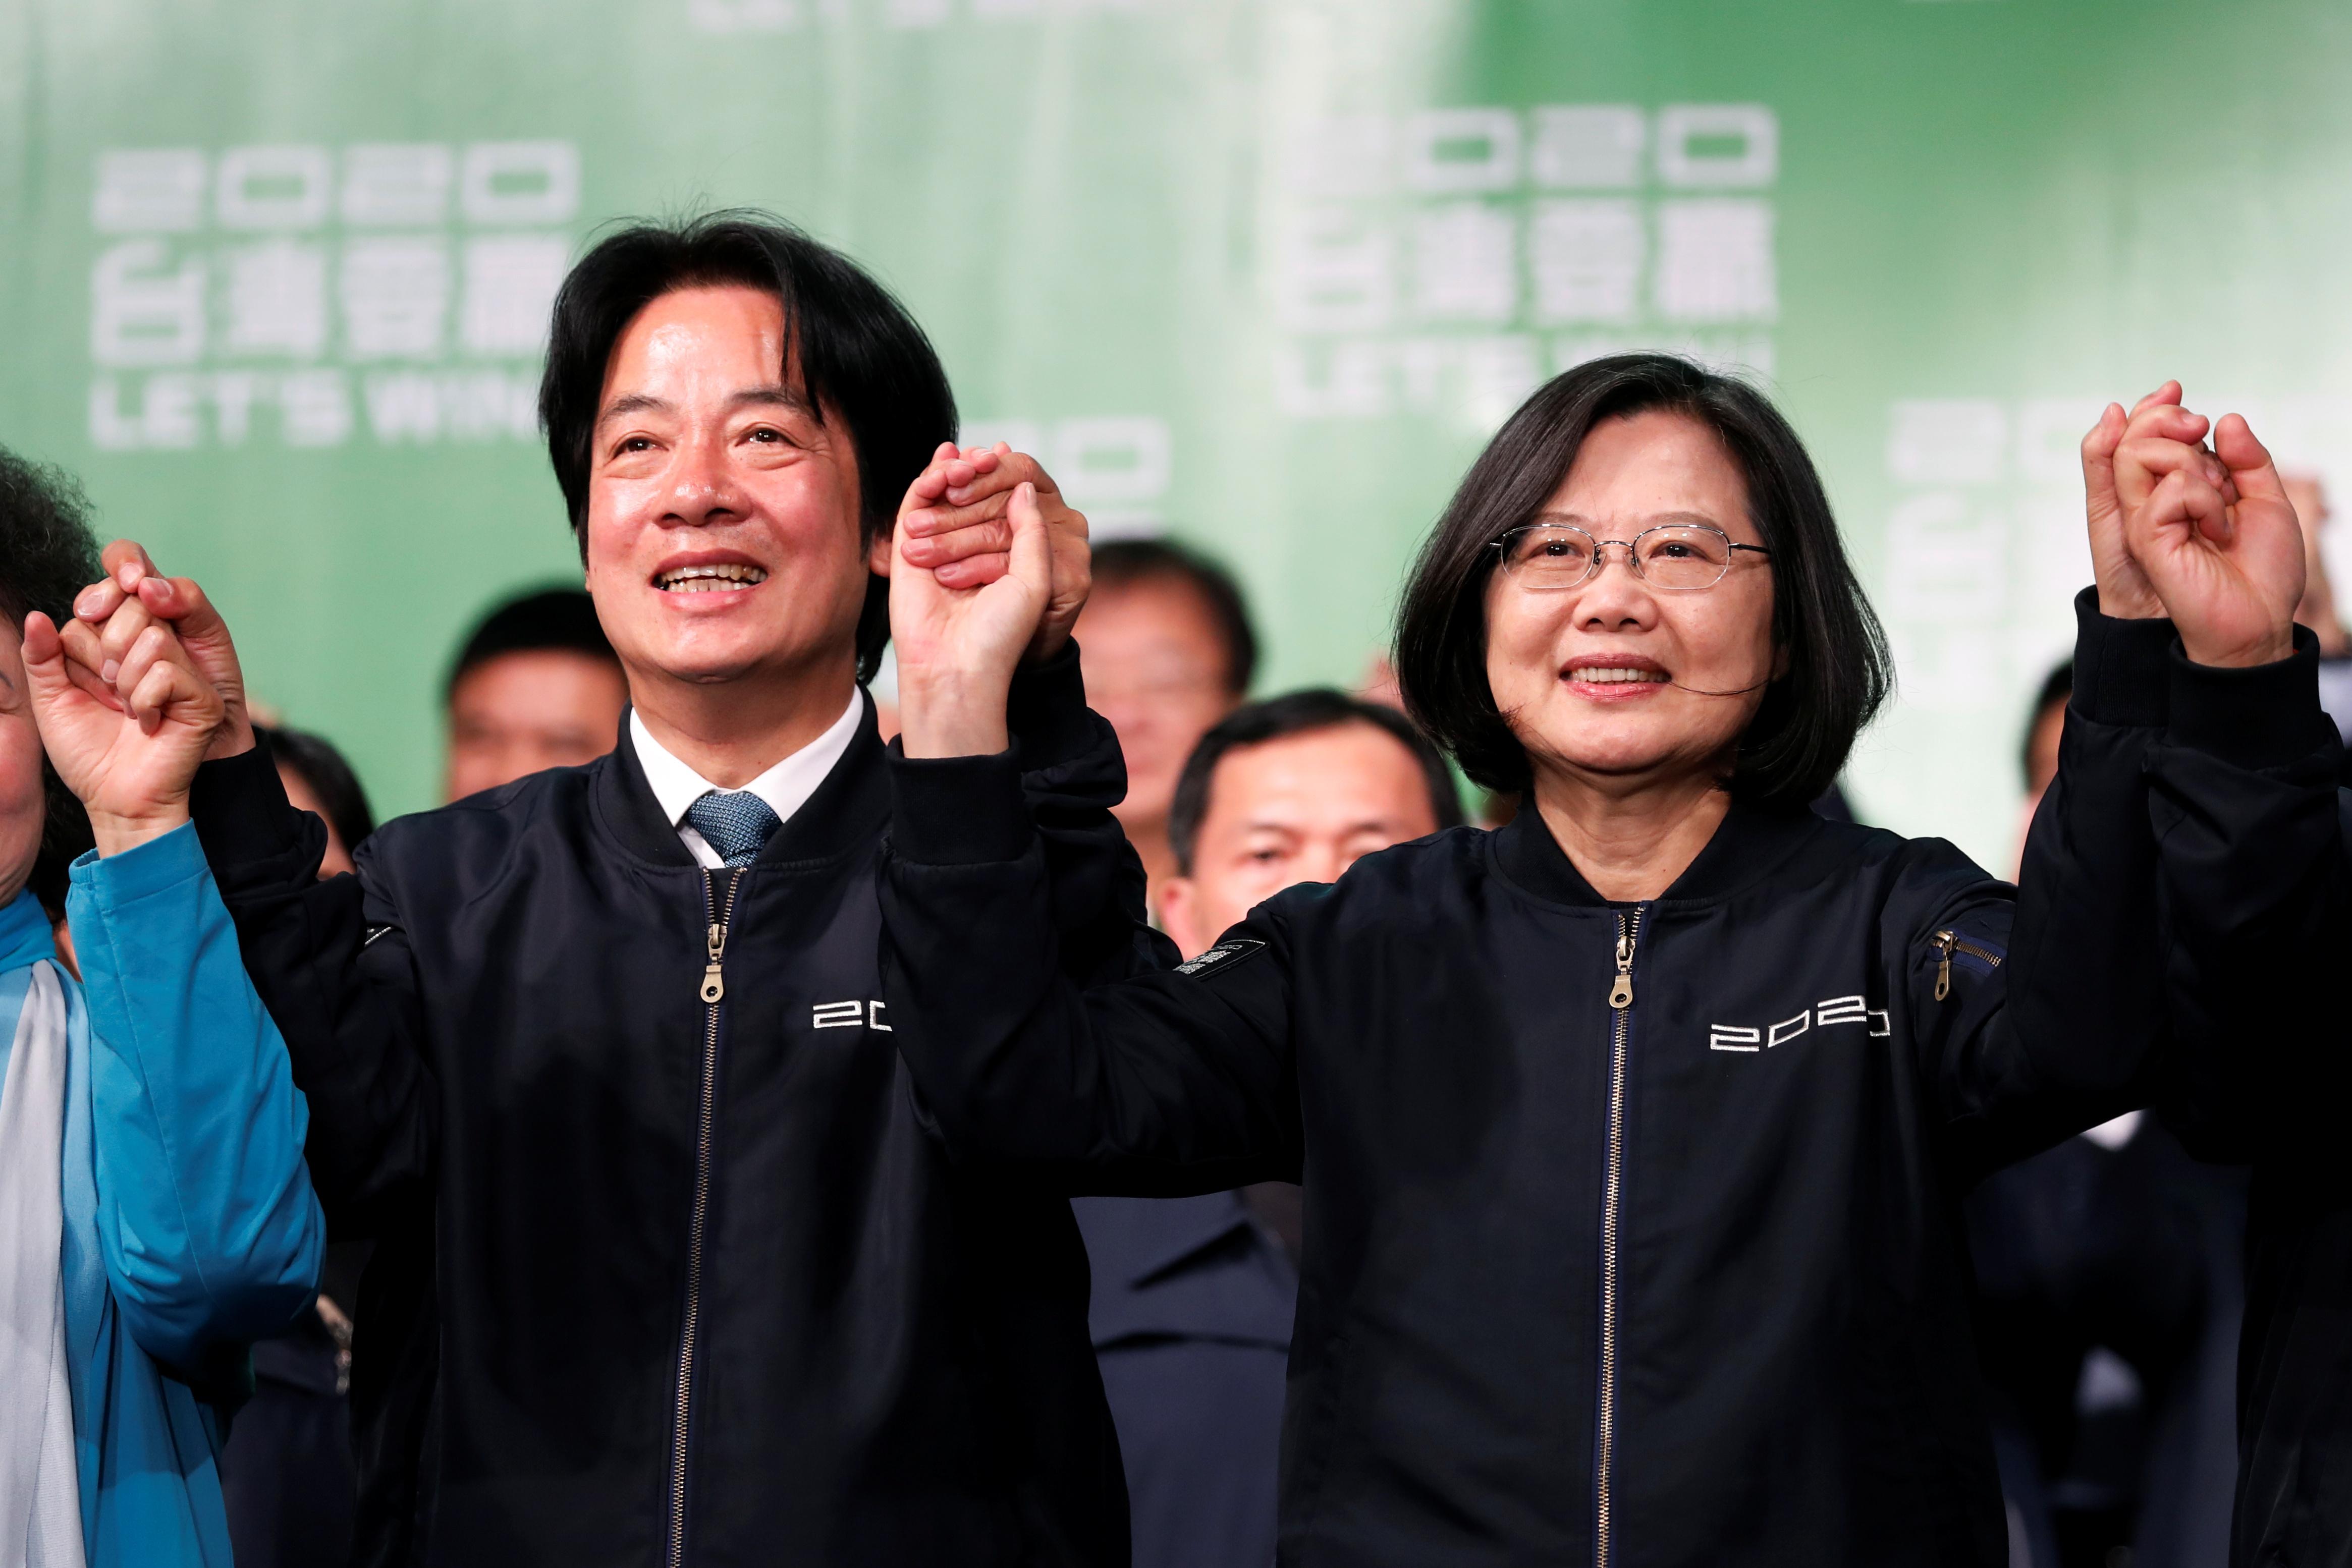 民进党正副总统候选人蔡英文、赖清德(左)拿下超过817万票,以得票率57.13%高票当选,创下自1996年总统直选以来最高票记录。-路透社-